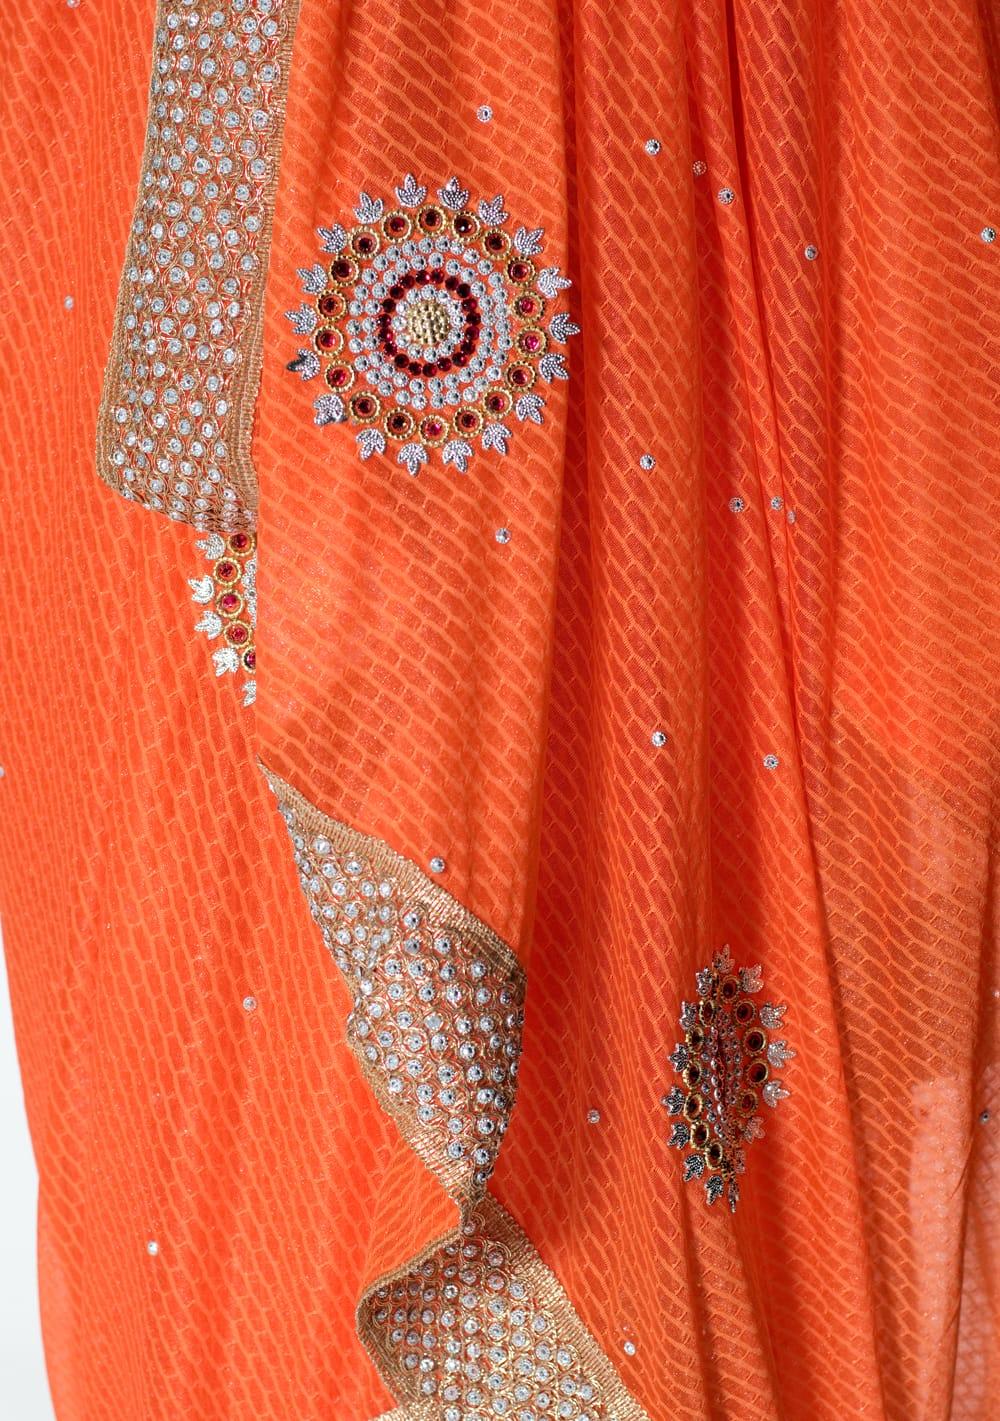 金糸とビーズ刺繍 レンガ模様のマハラニインドサリー【チョリ付き】 - オレンジ 7 - 縁の拡大写真です